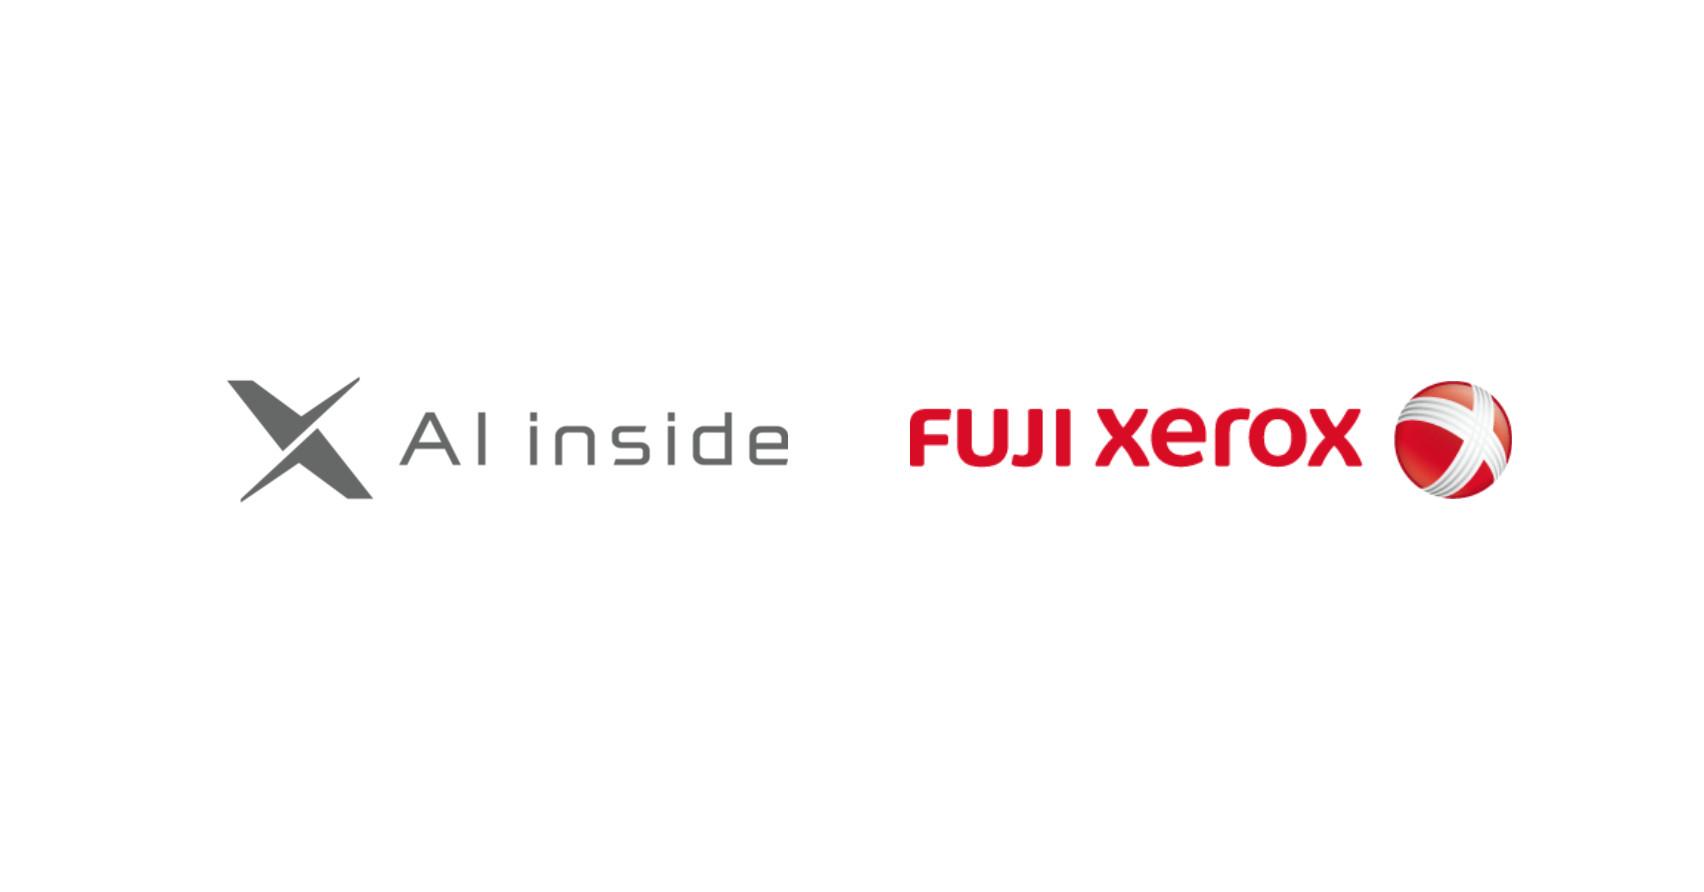 AI inside のAI-OCR「DX Suite」と富士ゼロックスの複合機が連携、富士ゼロックスの全国販売網で「DX Suite」を提供